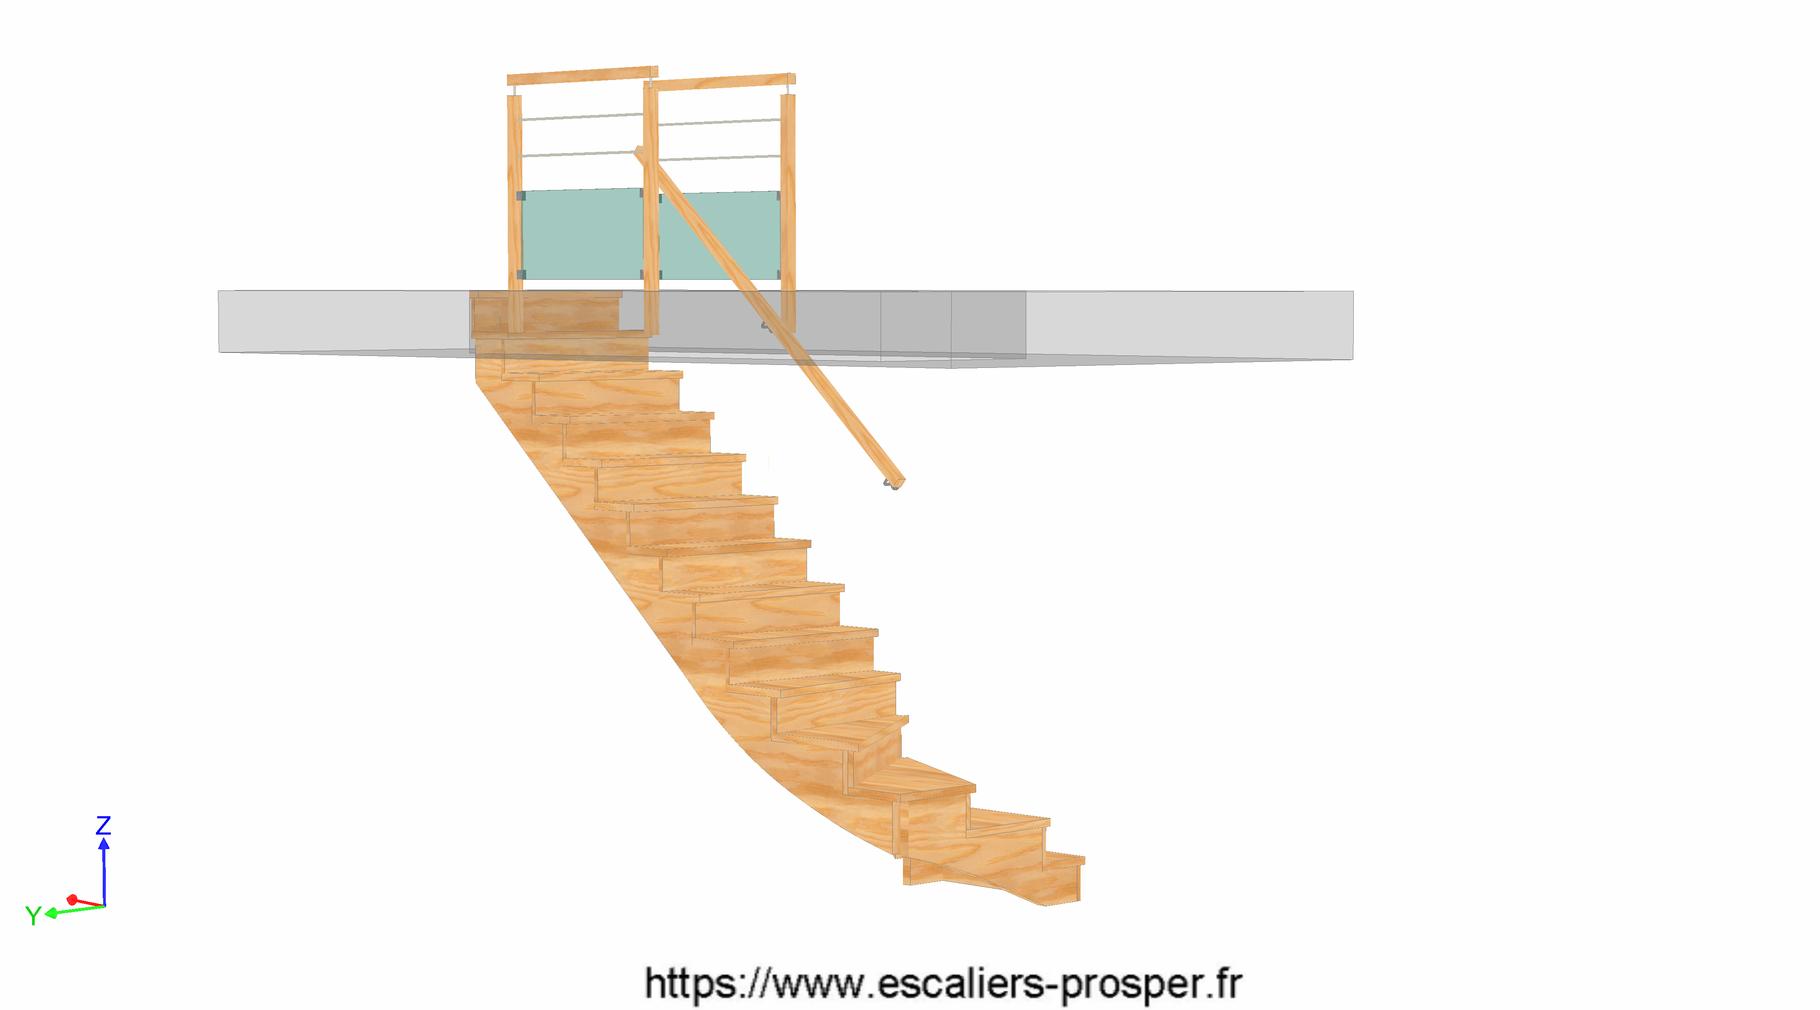 escalier en l l 39 anglaise e15 151 escaliers prosper sp cialiste de la conception la pose. Black Bedroom Furniture Sets. Home Design Ideas